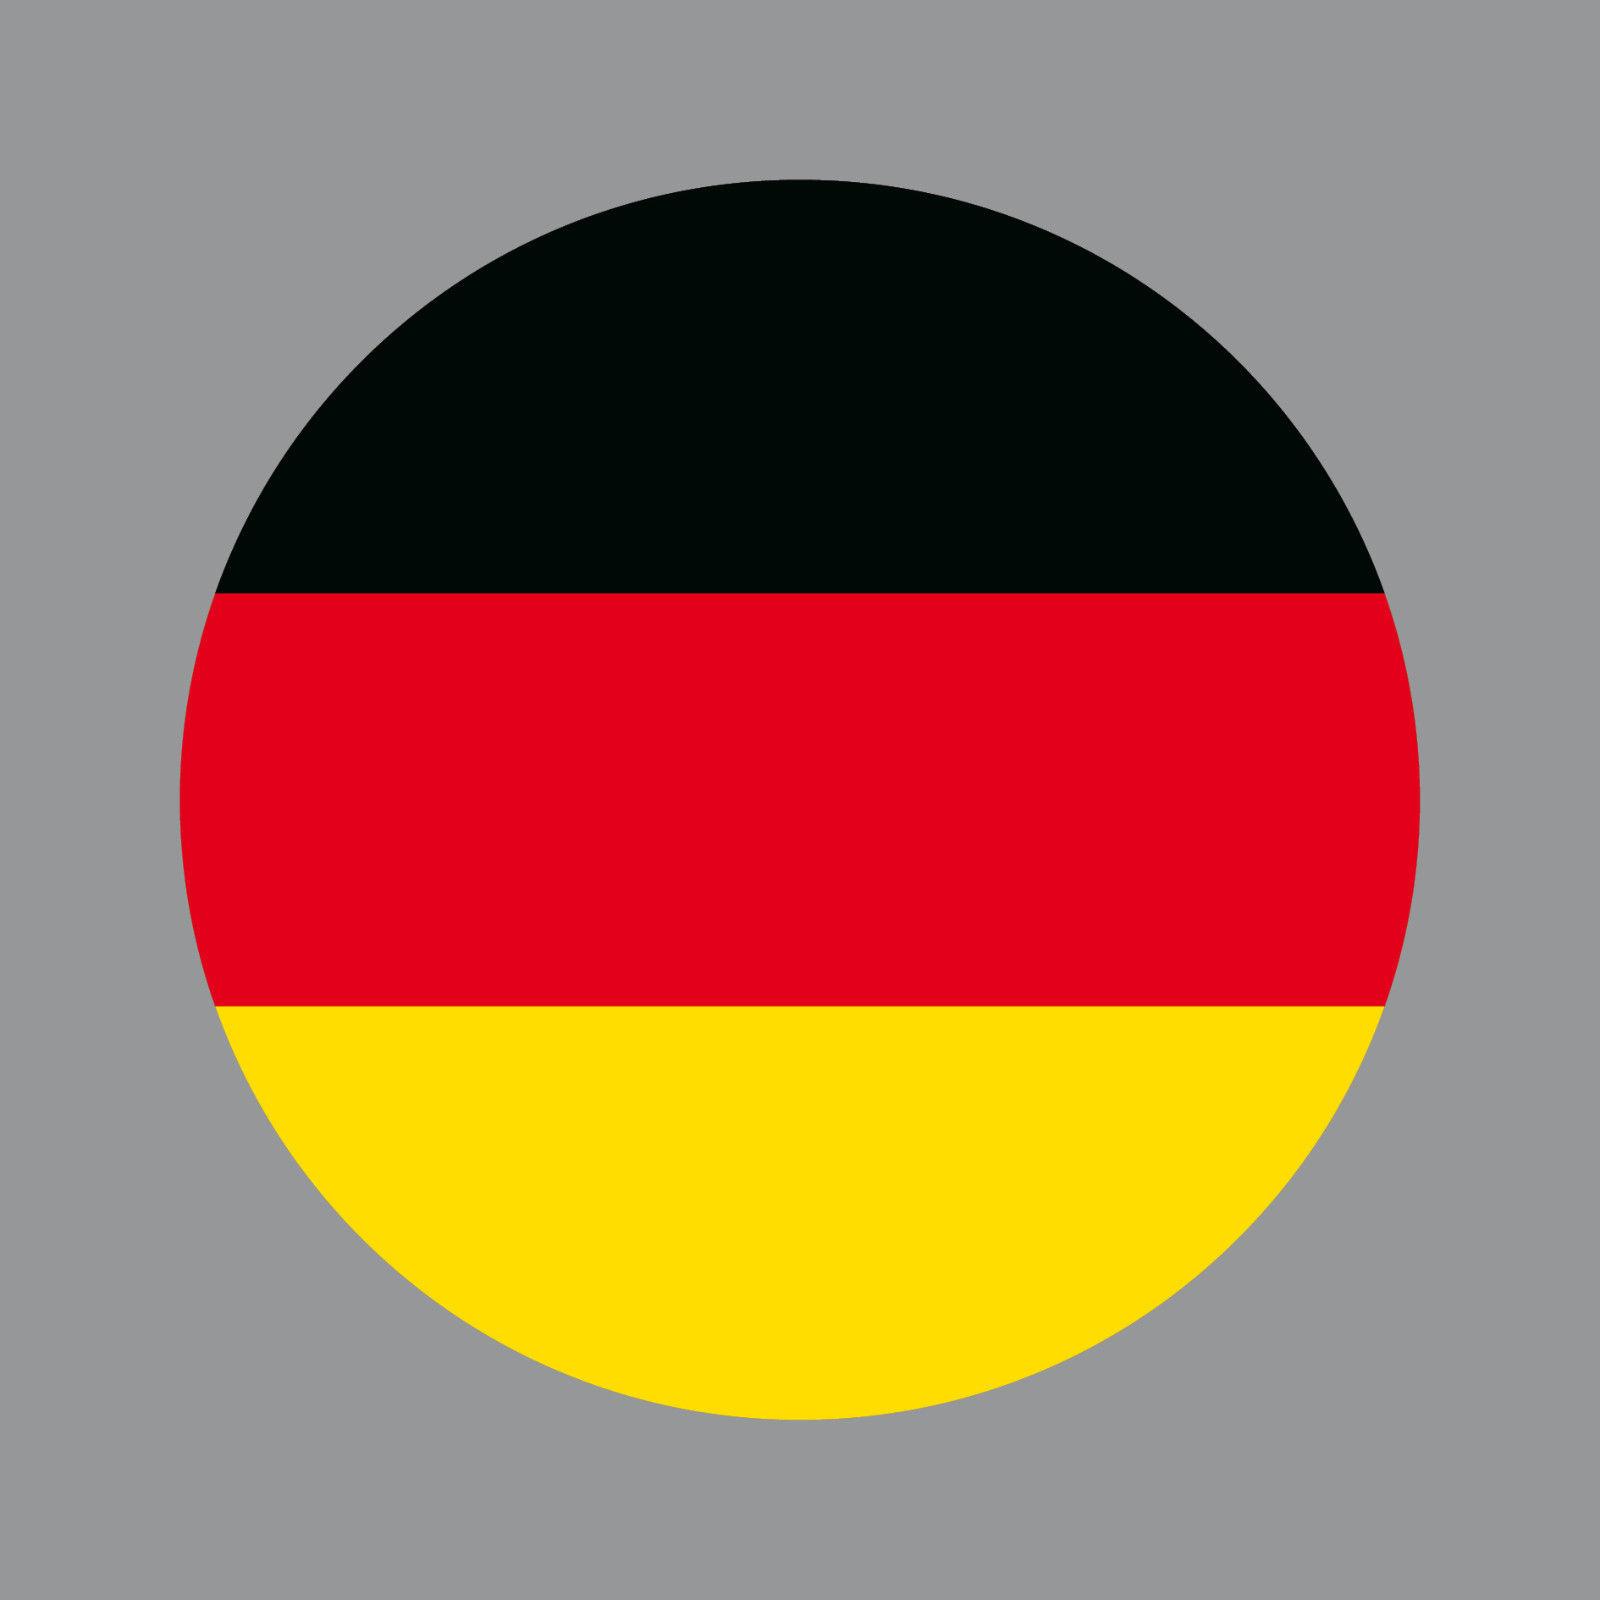 Aufkleber 10cm Rund Sticker Brd Deutschland Flagge Fahne Fußball Fan